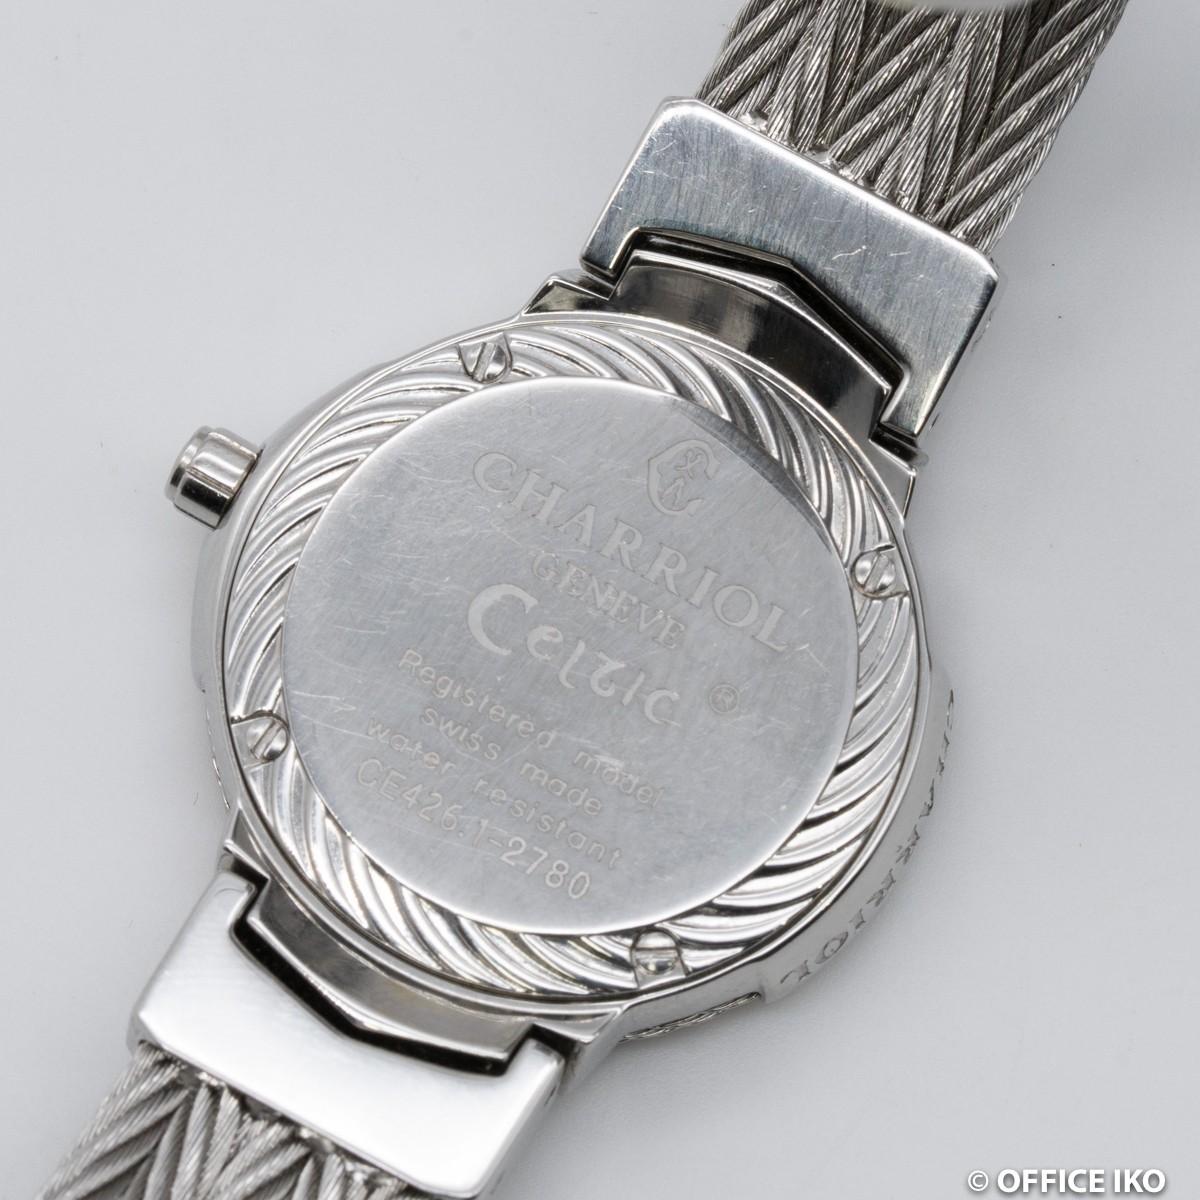 質イコー [シャリオール] CHARRIOL 腕時計 ケルテック シェル CE426 ダイヤ12P クオーツ レディース 中古 良品_画像5